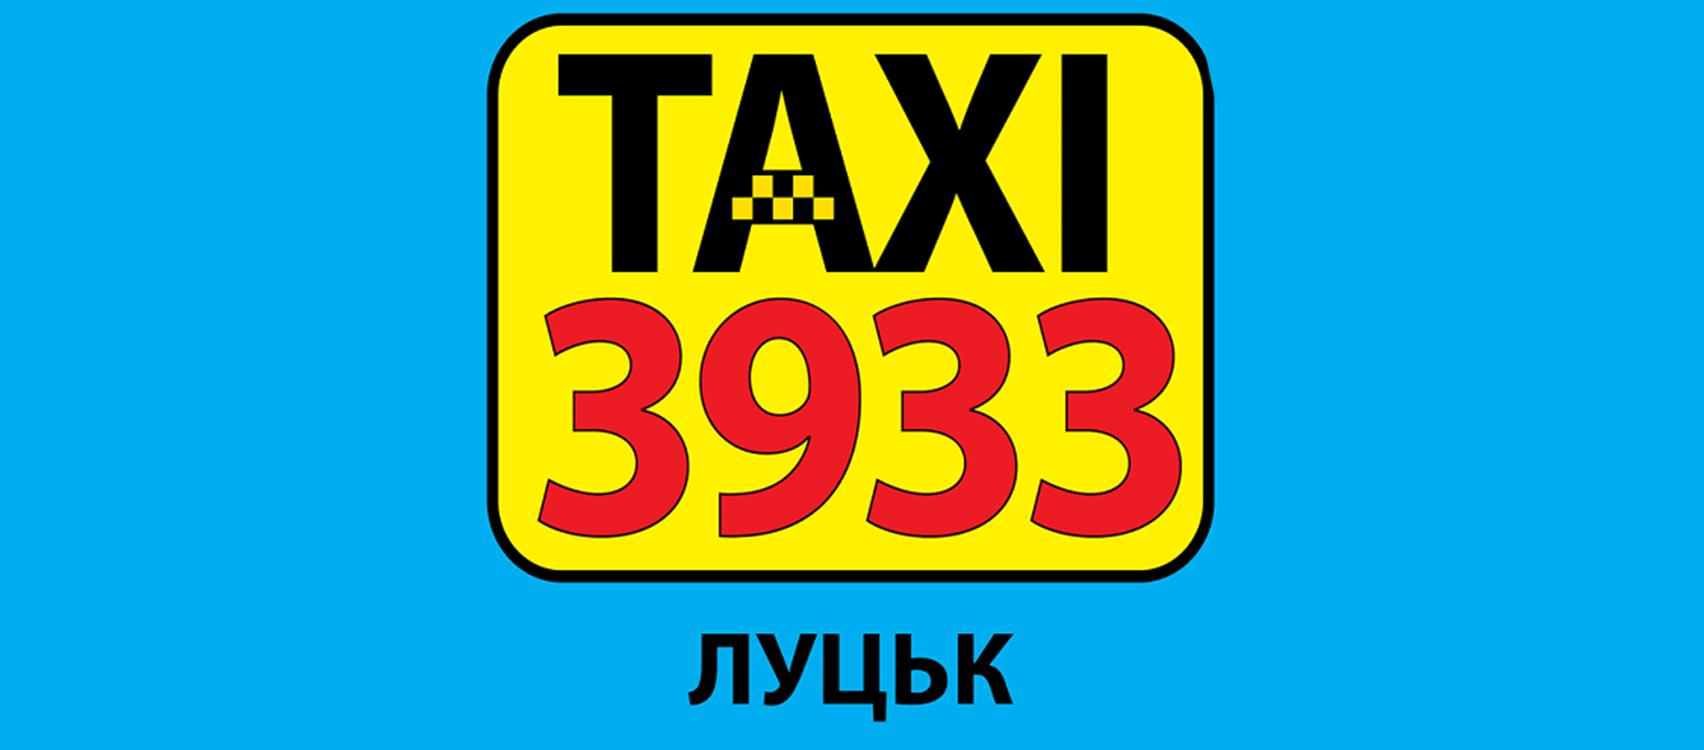 Таксі 3933 (Луцьк)